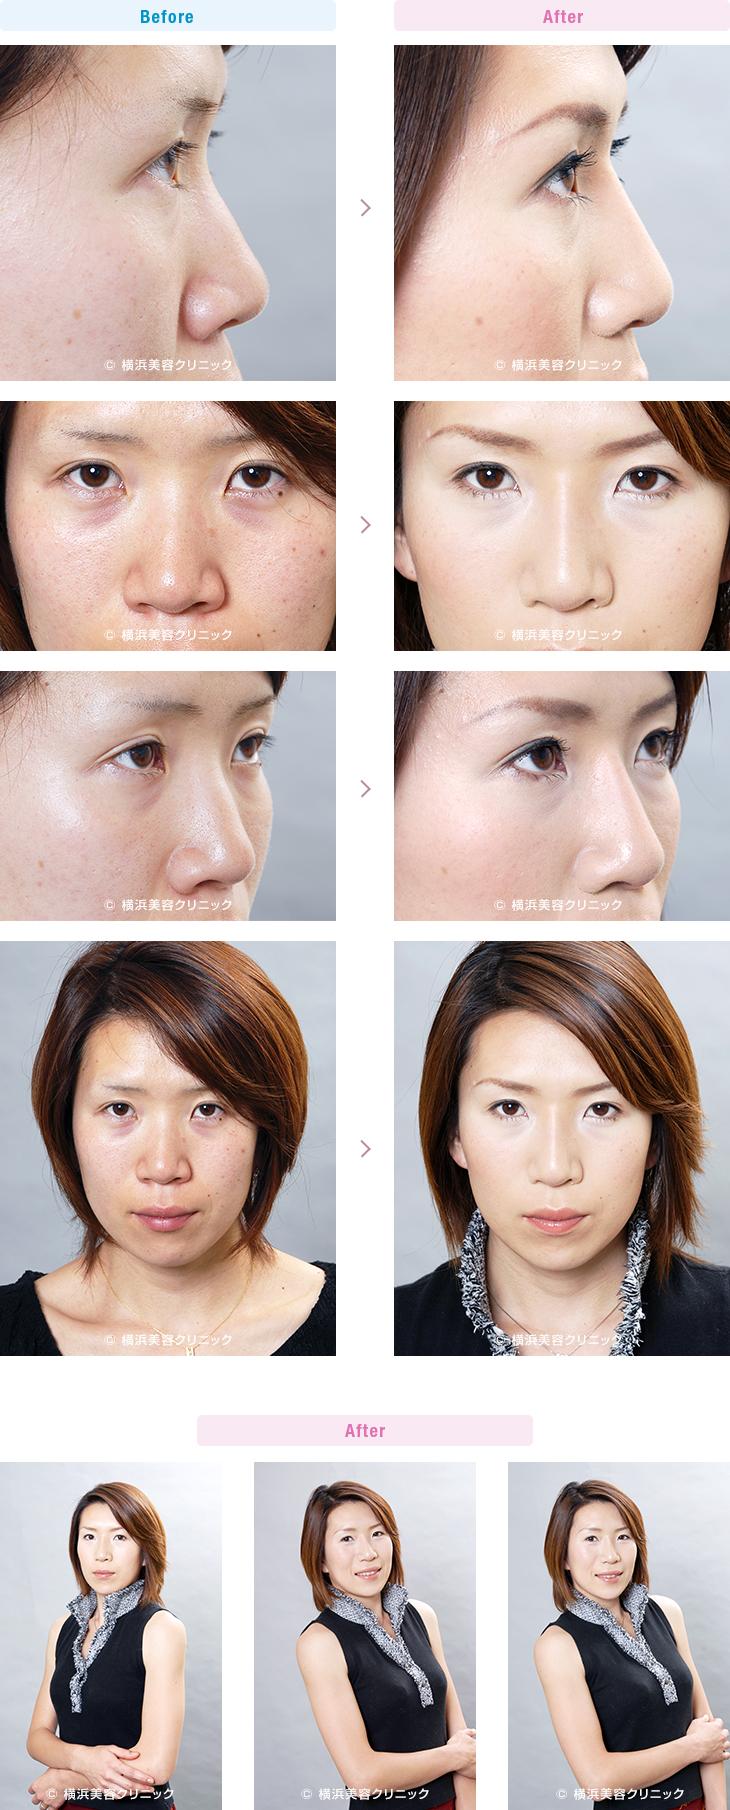 鼻(隆鼻術・整鼻術) 【20代女性】鼻筋を通して鼻の穴も目立たなくしたい場合は、隆鼻術+小鼻縮小の複合手術が効果的【横浜美容クリニック】